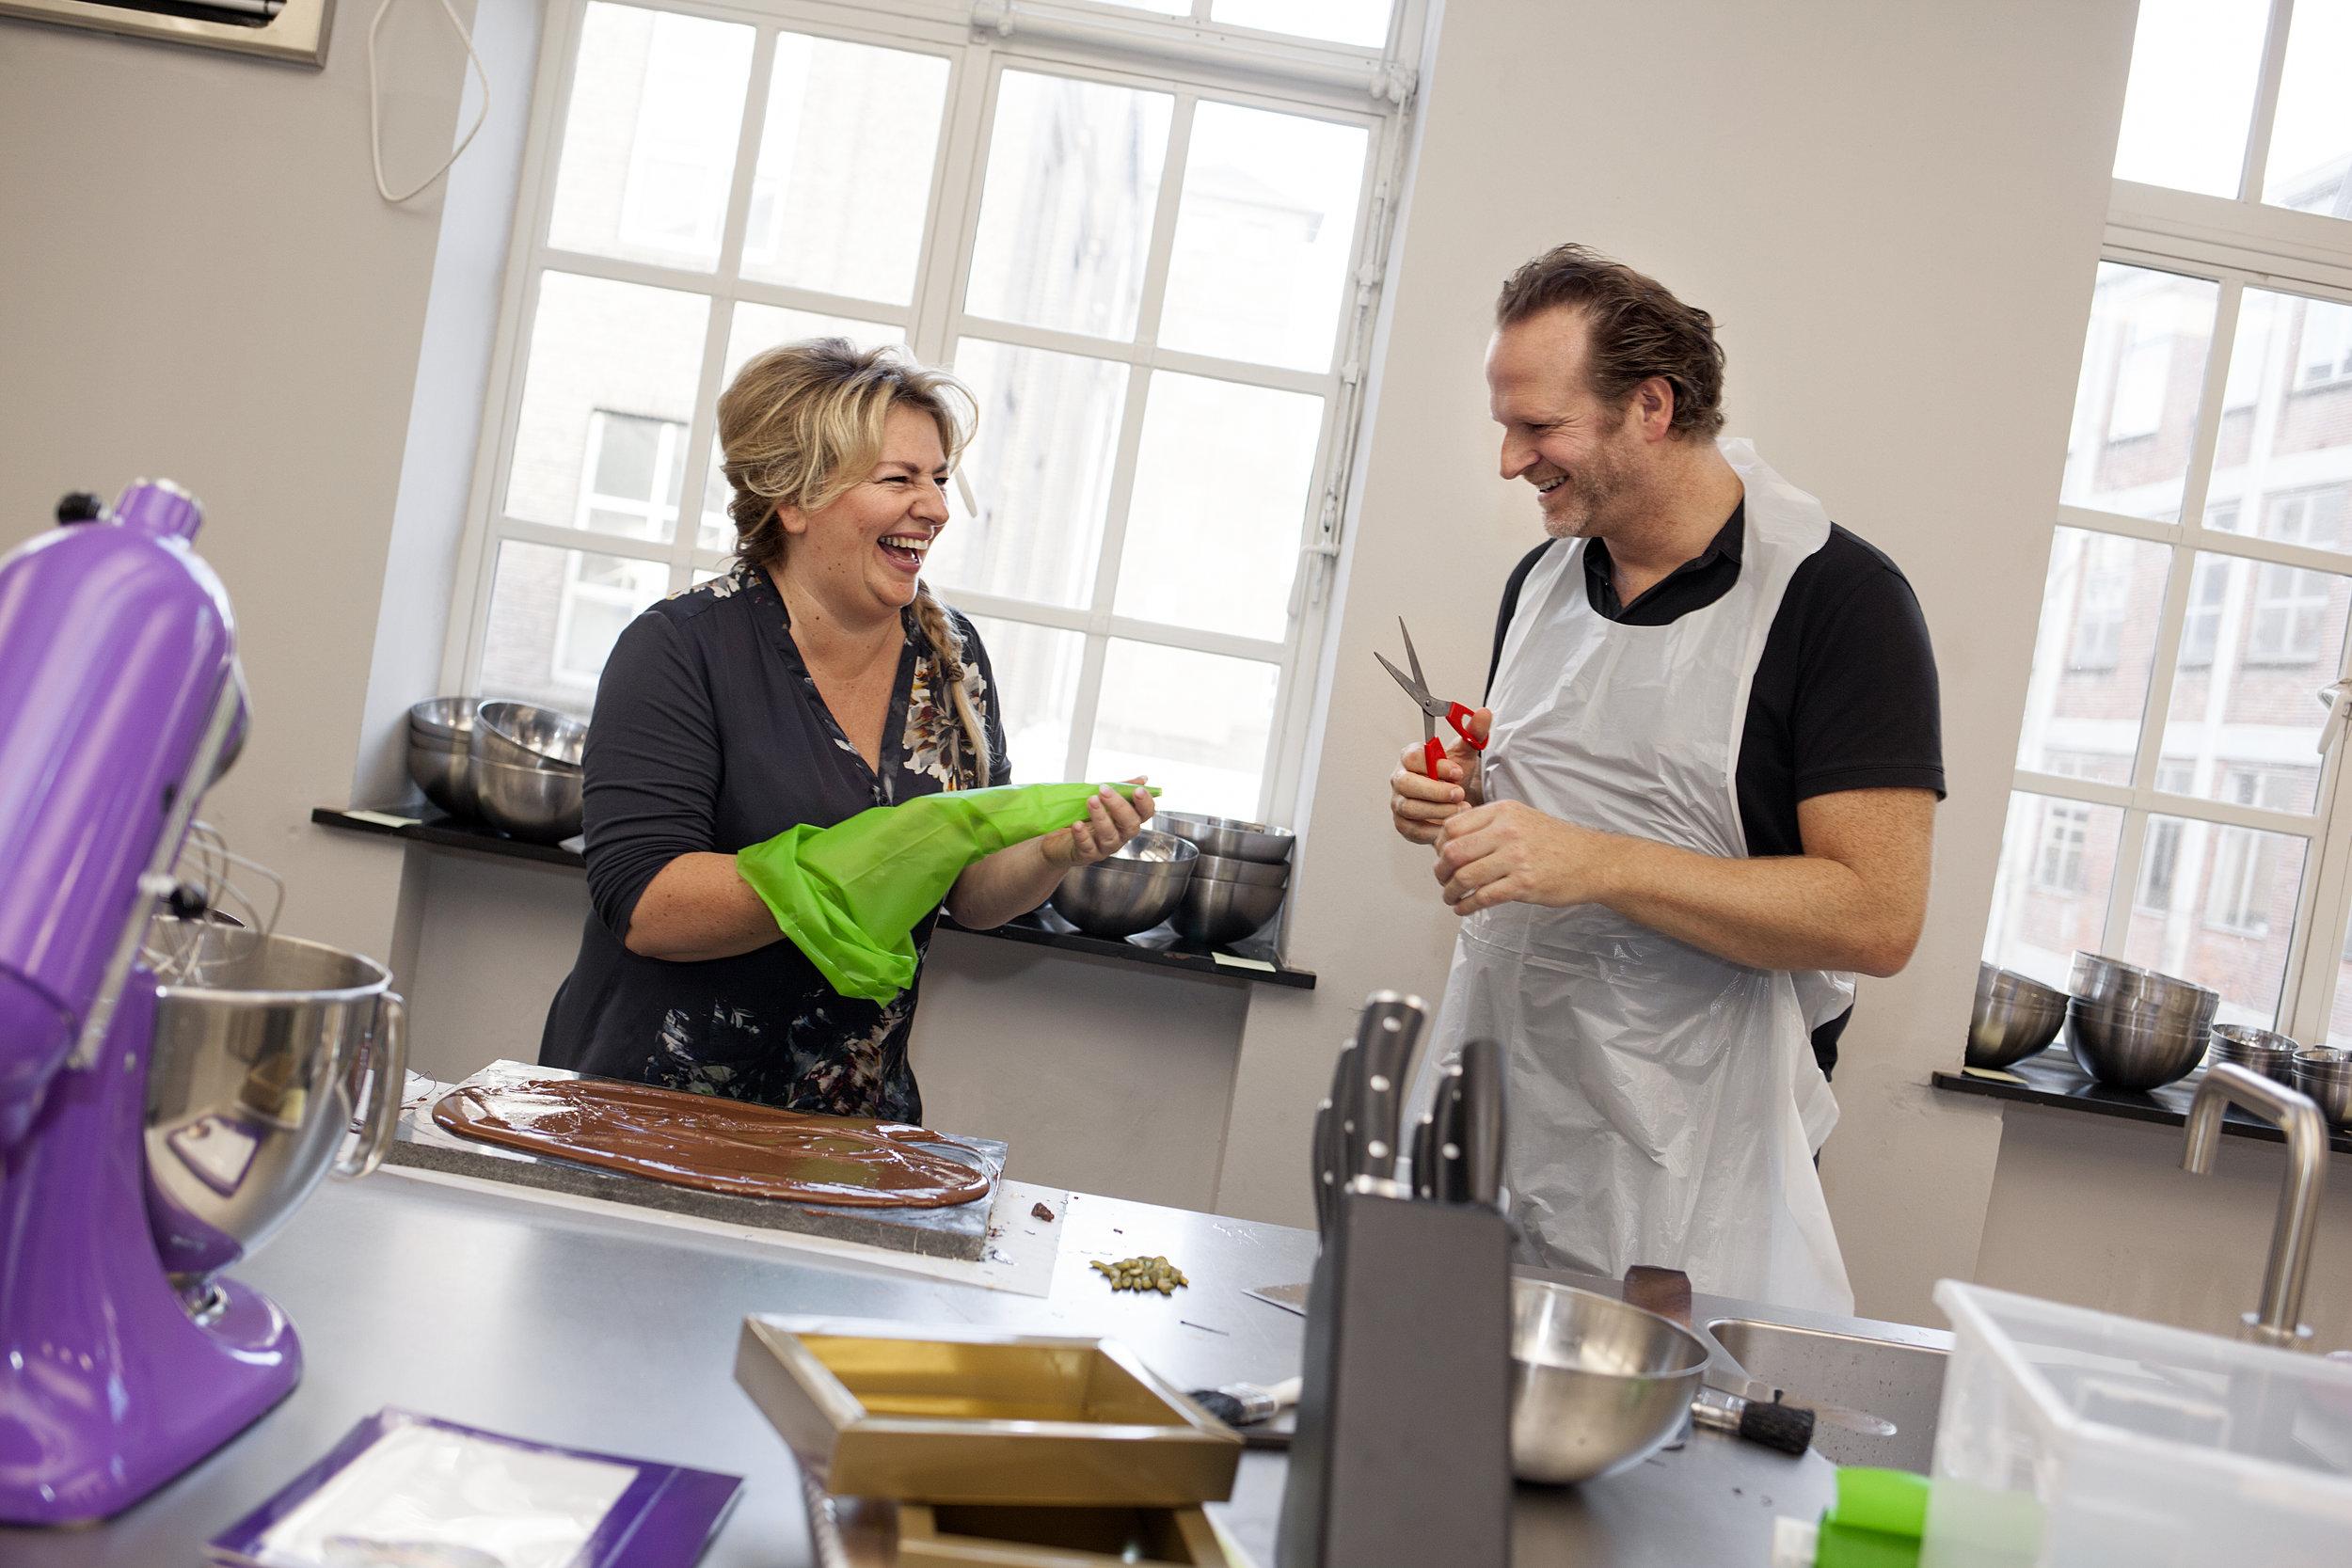 Quest, reportage 'Waarom bakt heel Holland?'